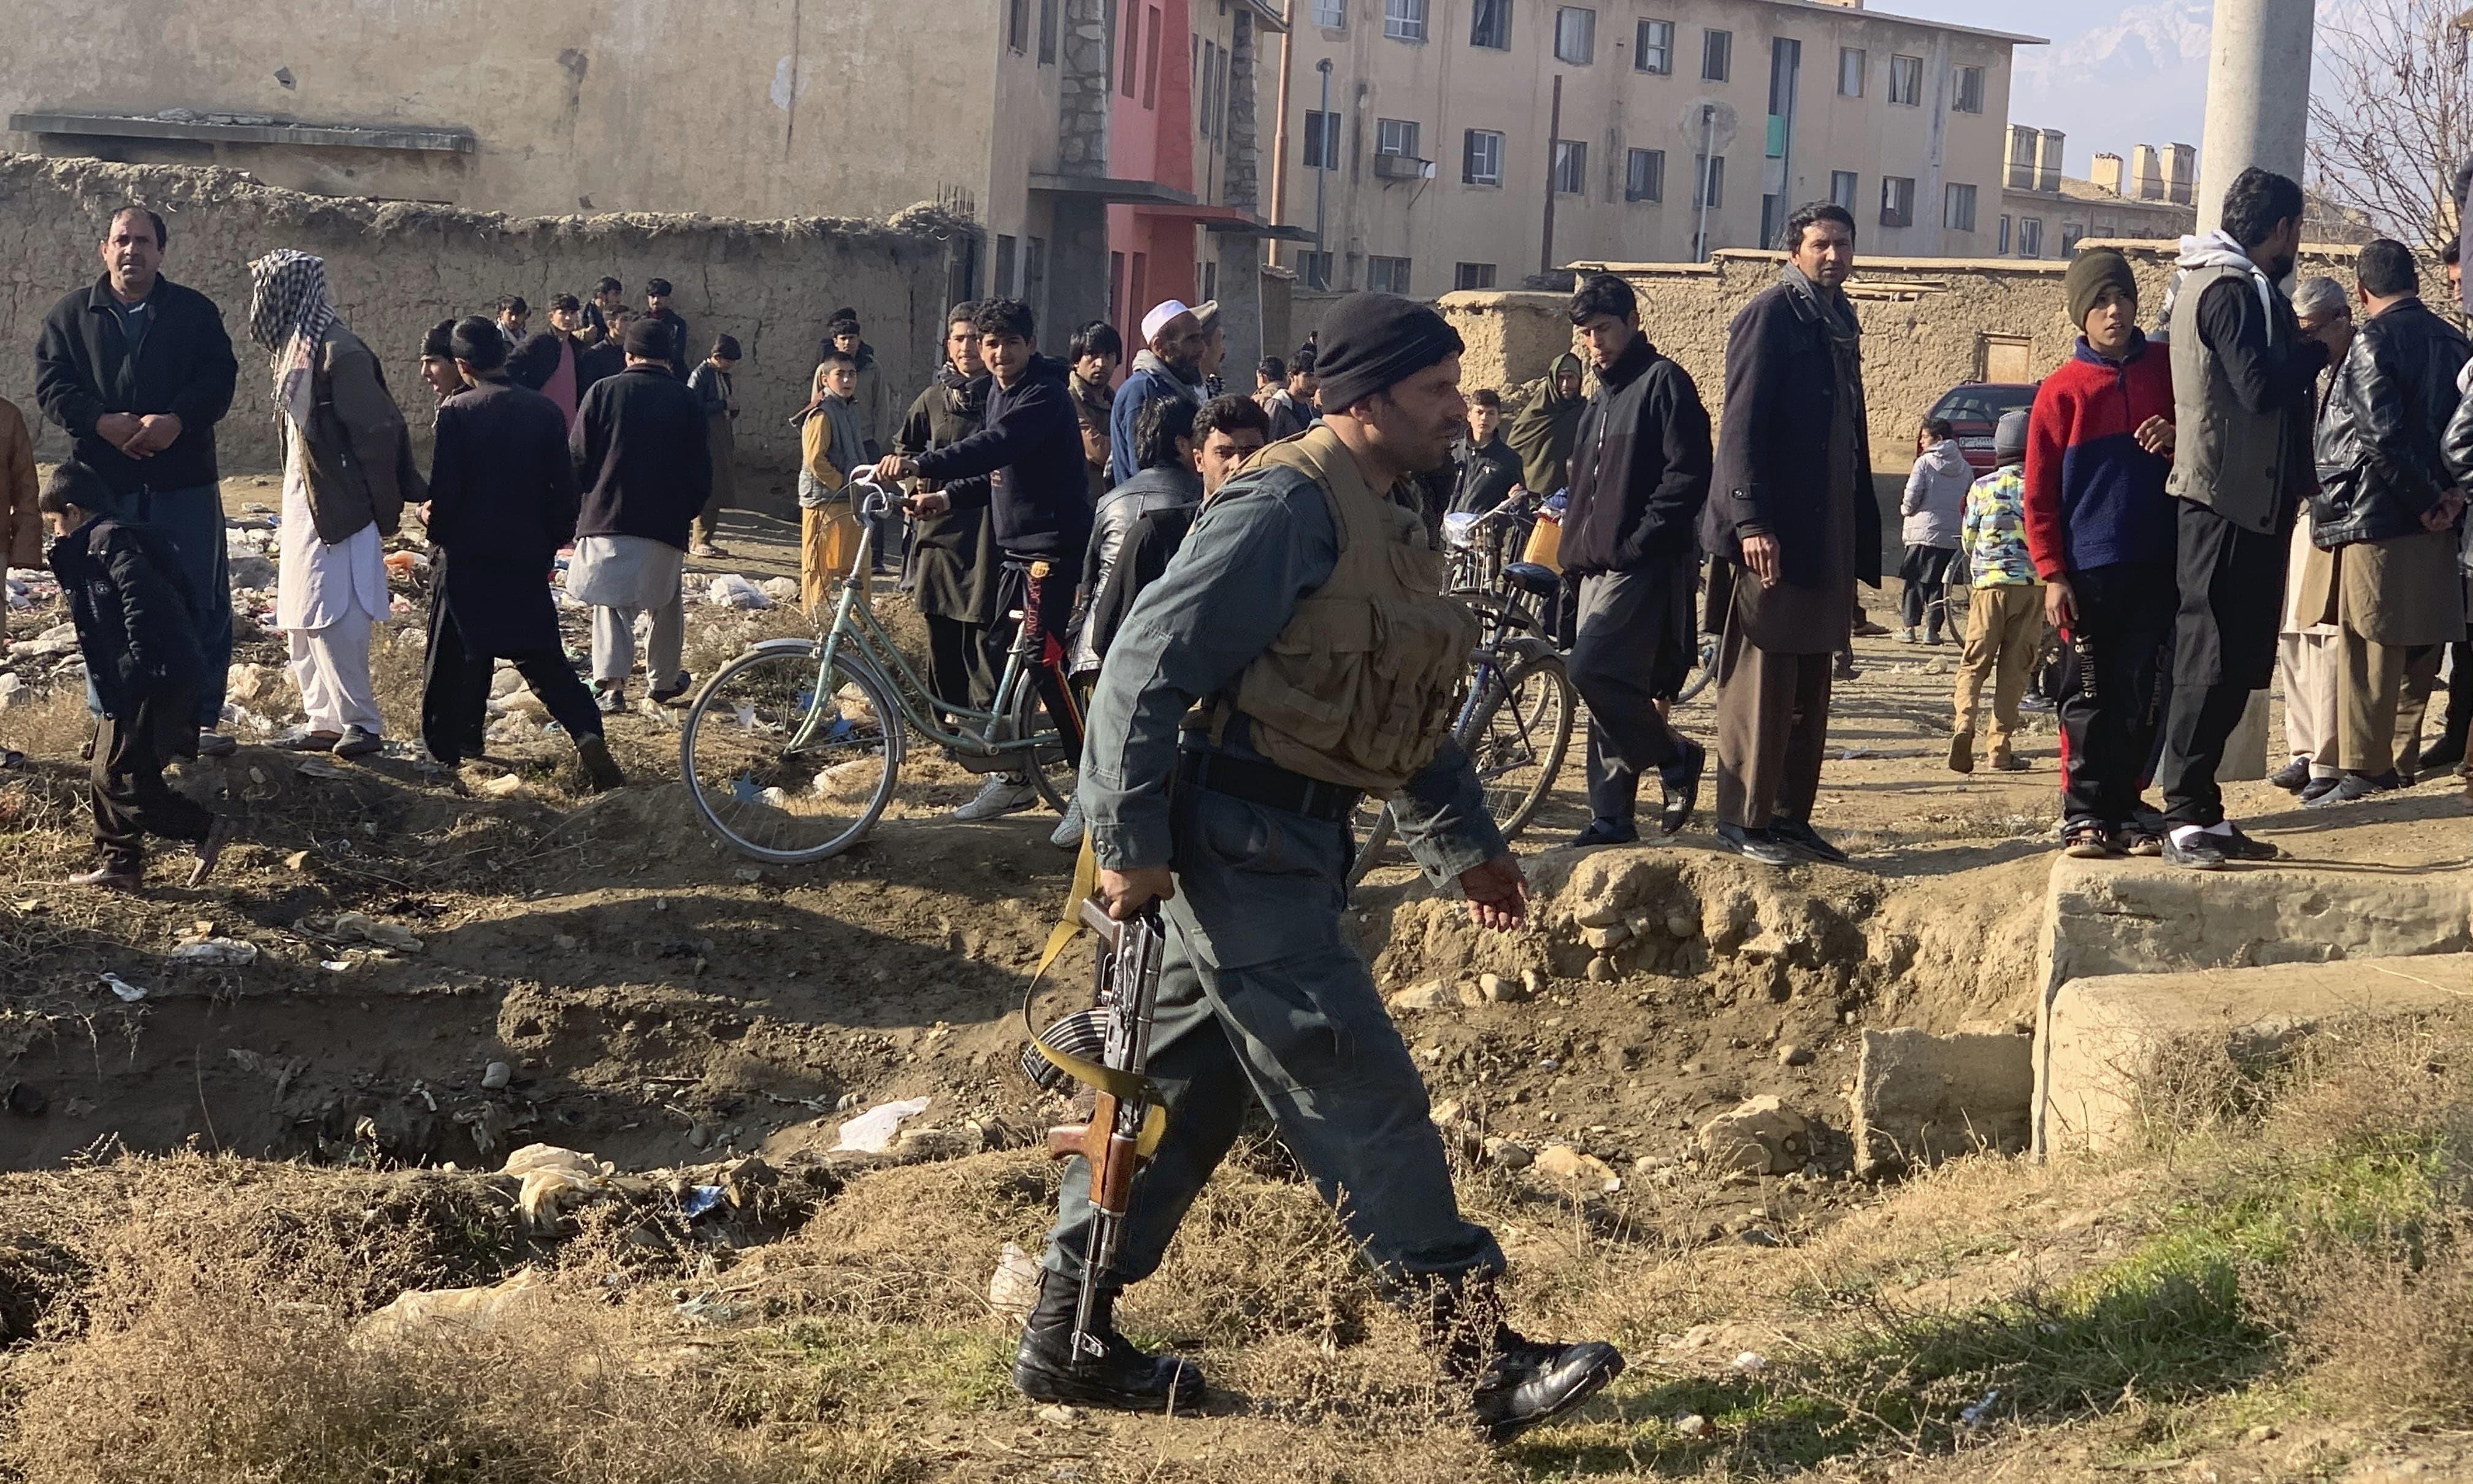 افغان اہلکاروں کو 'ہنی ٹریپ' کے ذریعے قتل کرنے والی خواتین رہا